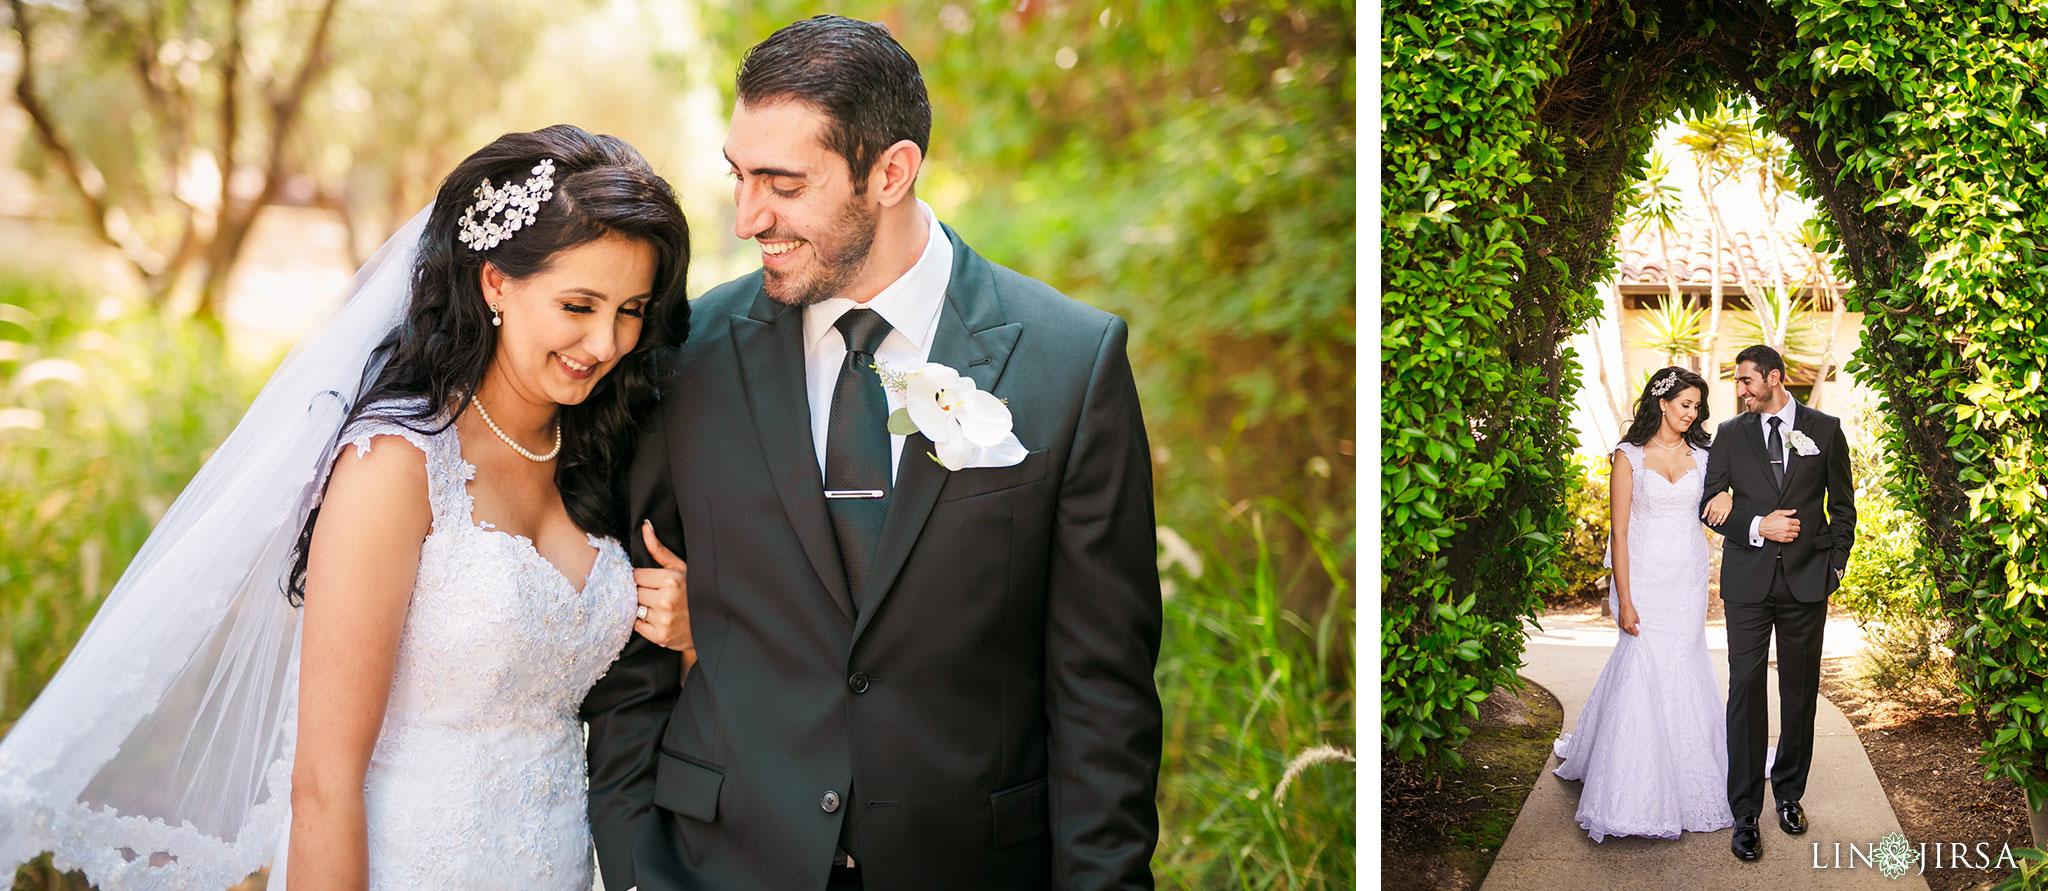 025 estancia la jolla hotel spa persian wedding photography